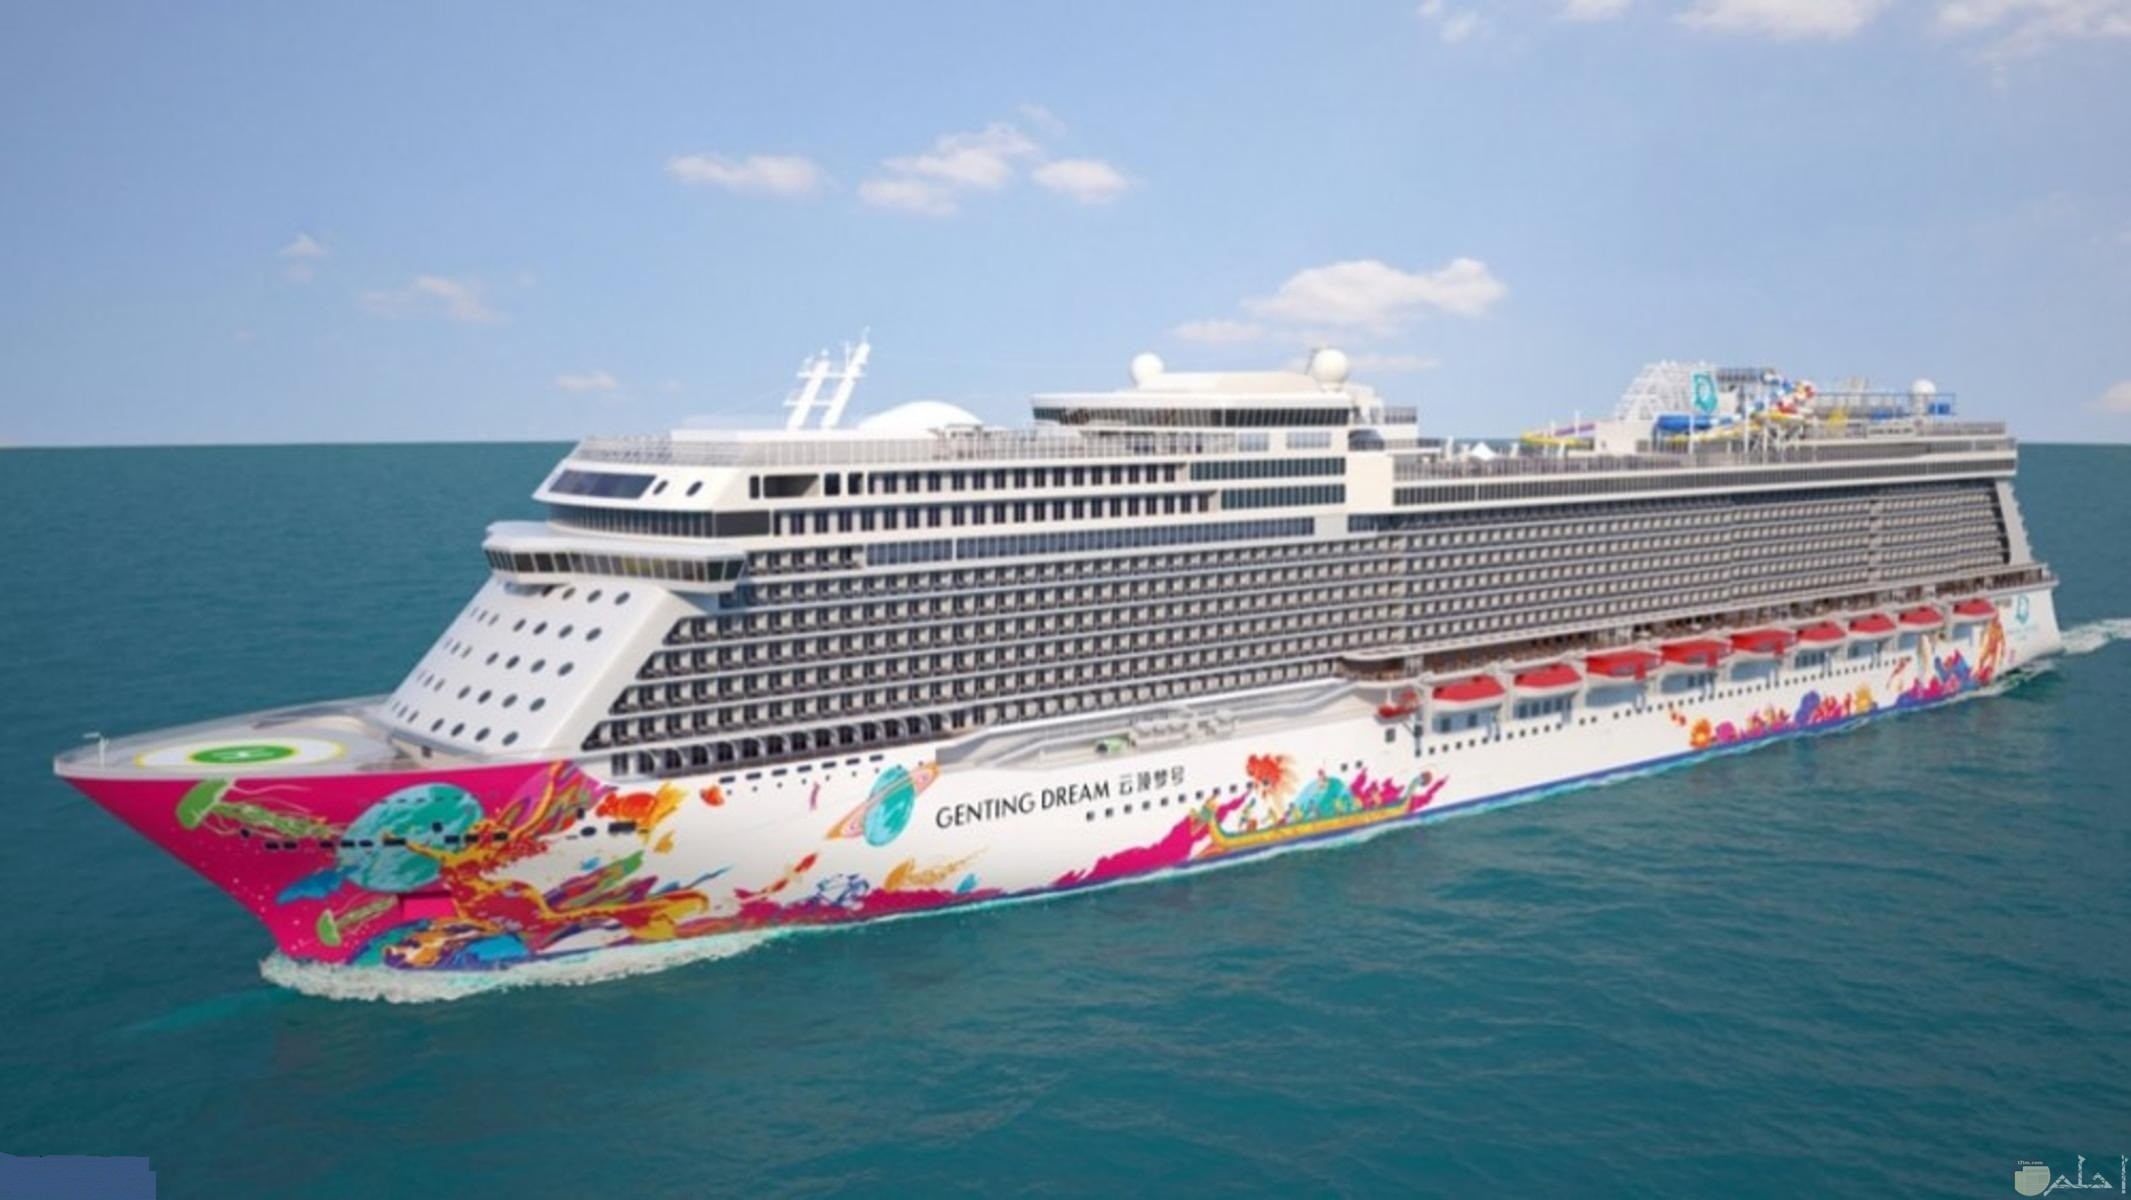 صورة سفينة كبيرة جميلة المظهر.